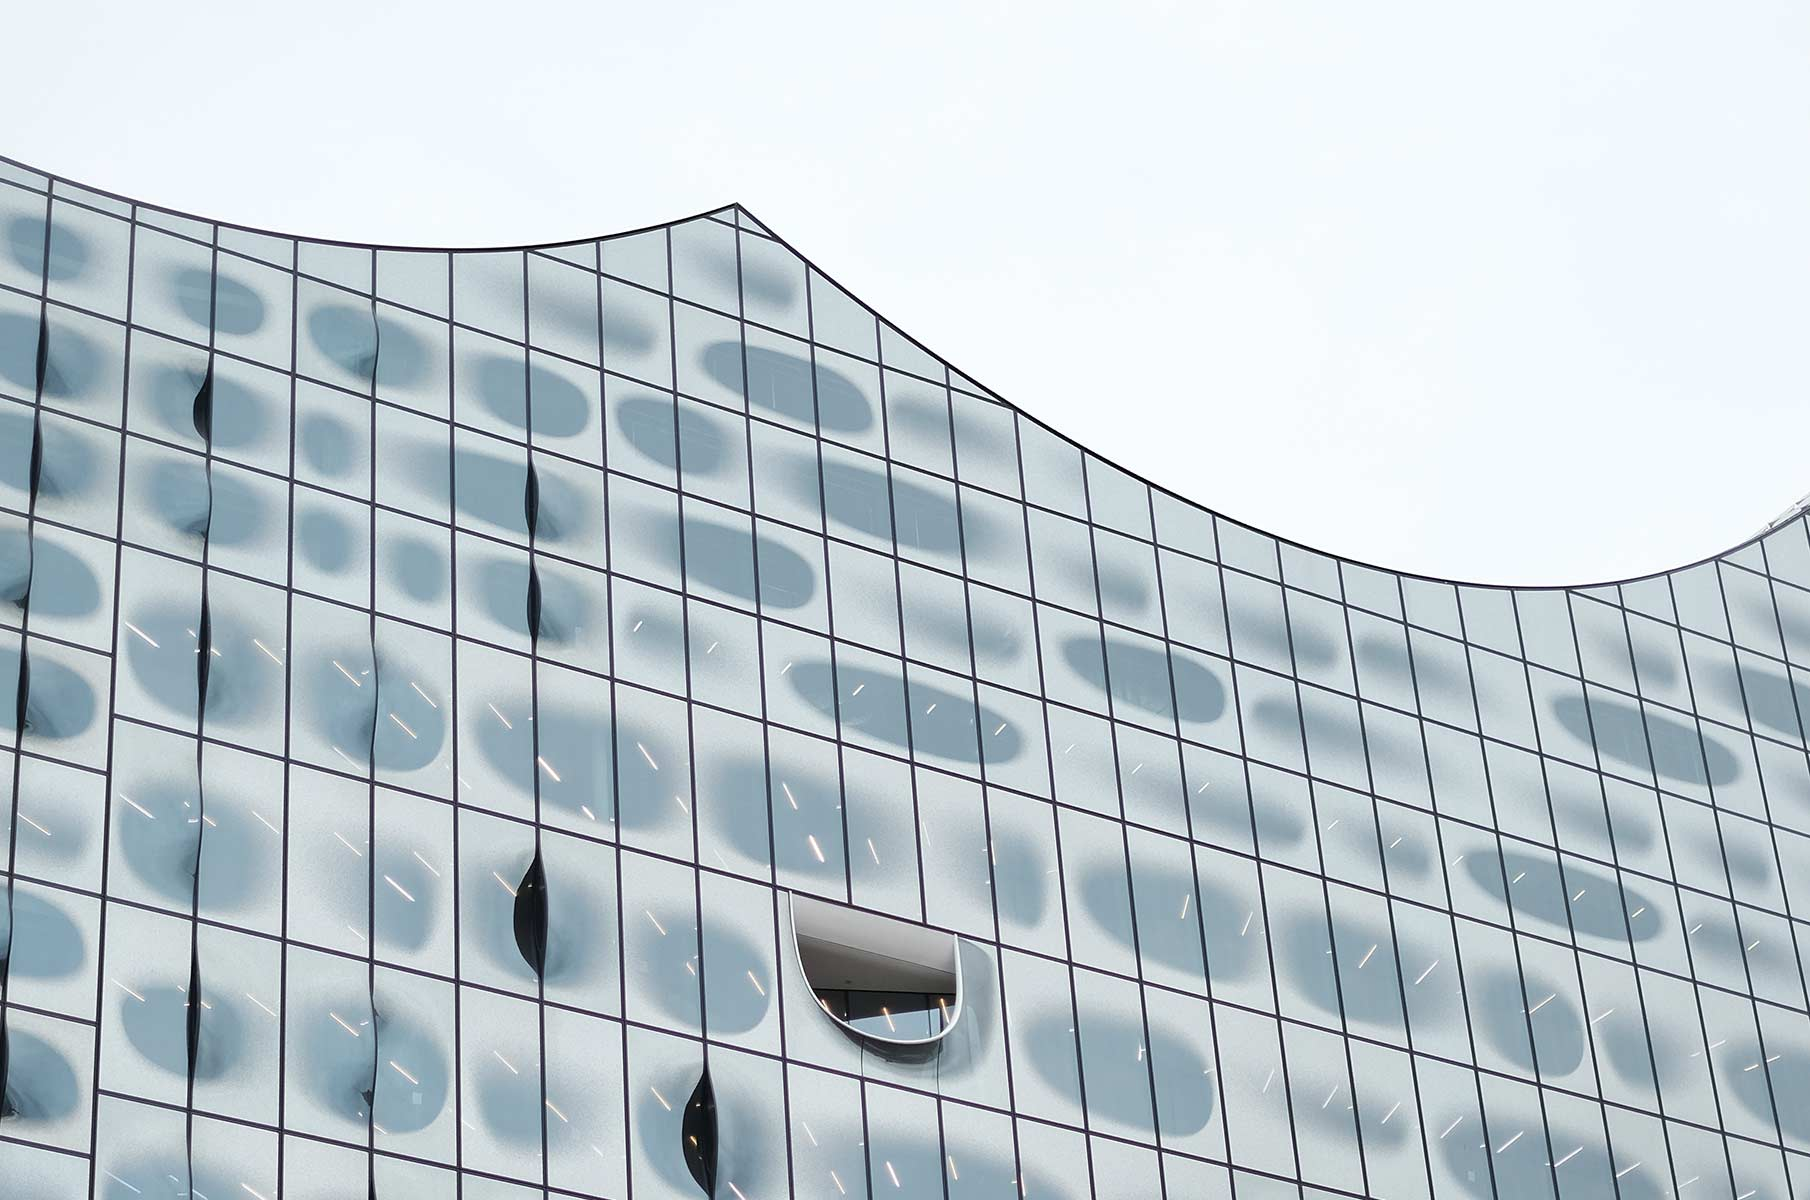 Fassade der Elbphilharmonie in Hamburg